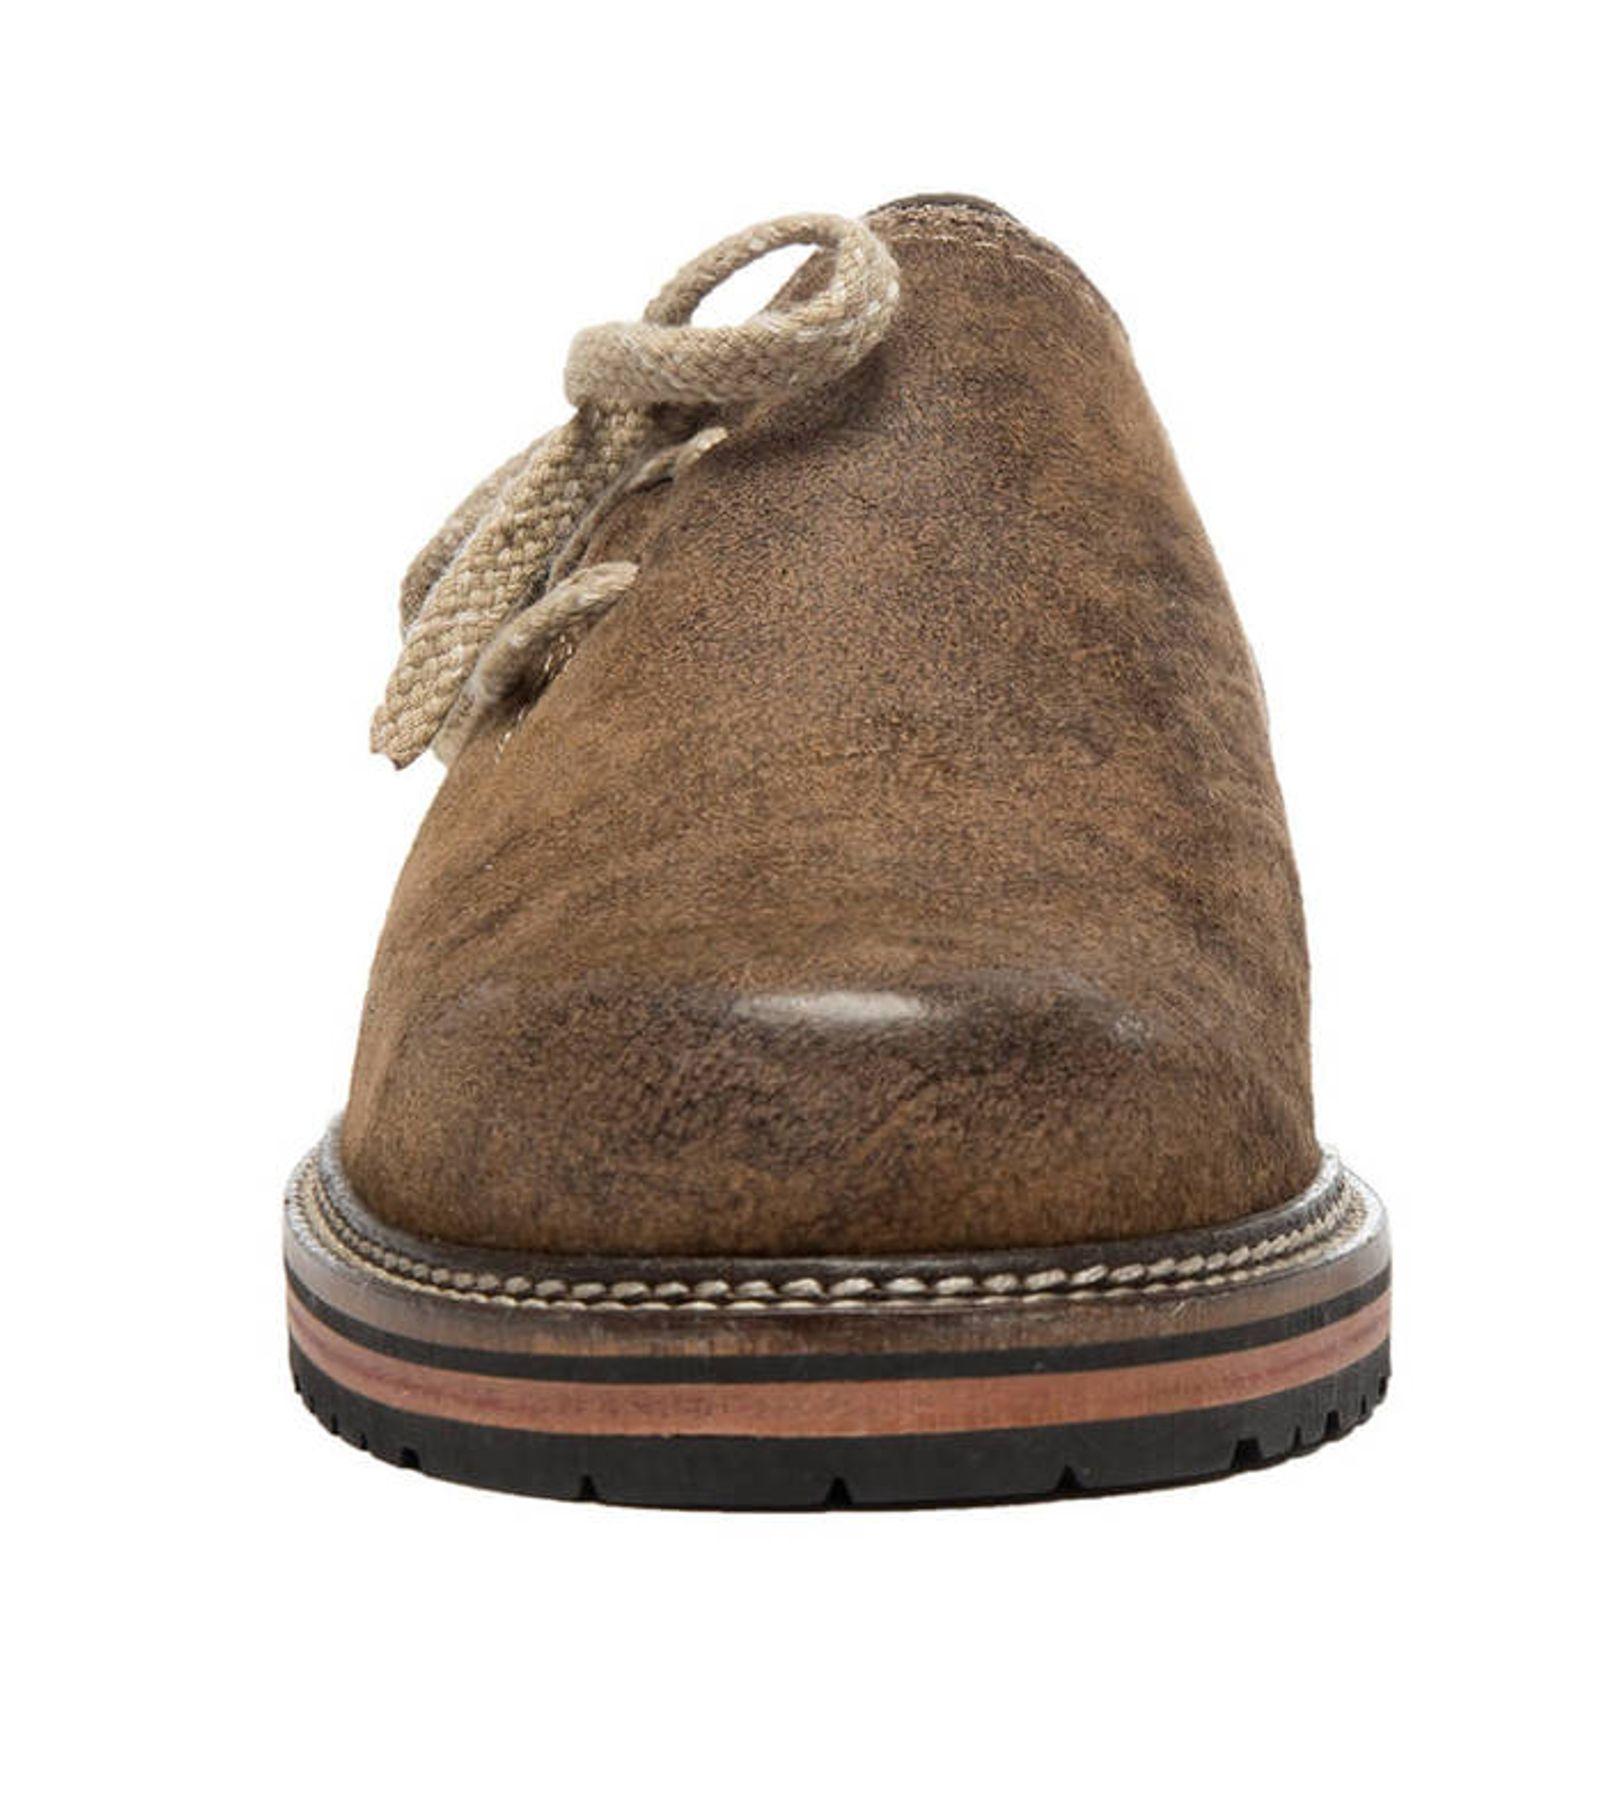 STOCKERPOINT - Herren Trachten Schuhe in Havanna gespeckt, 6081 – Bild 5